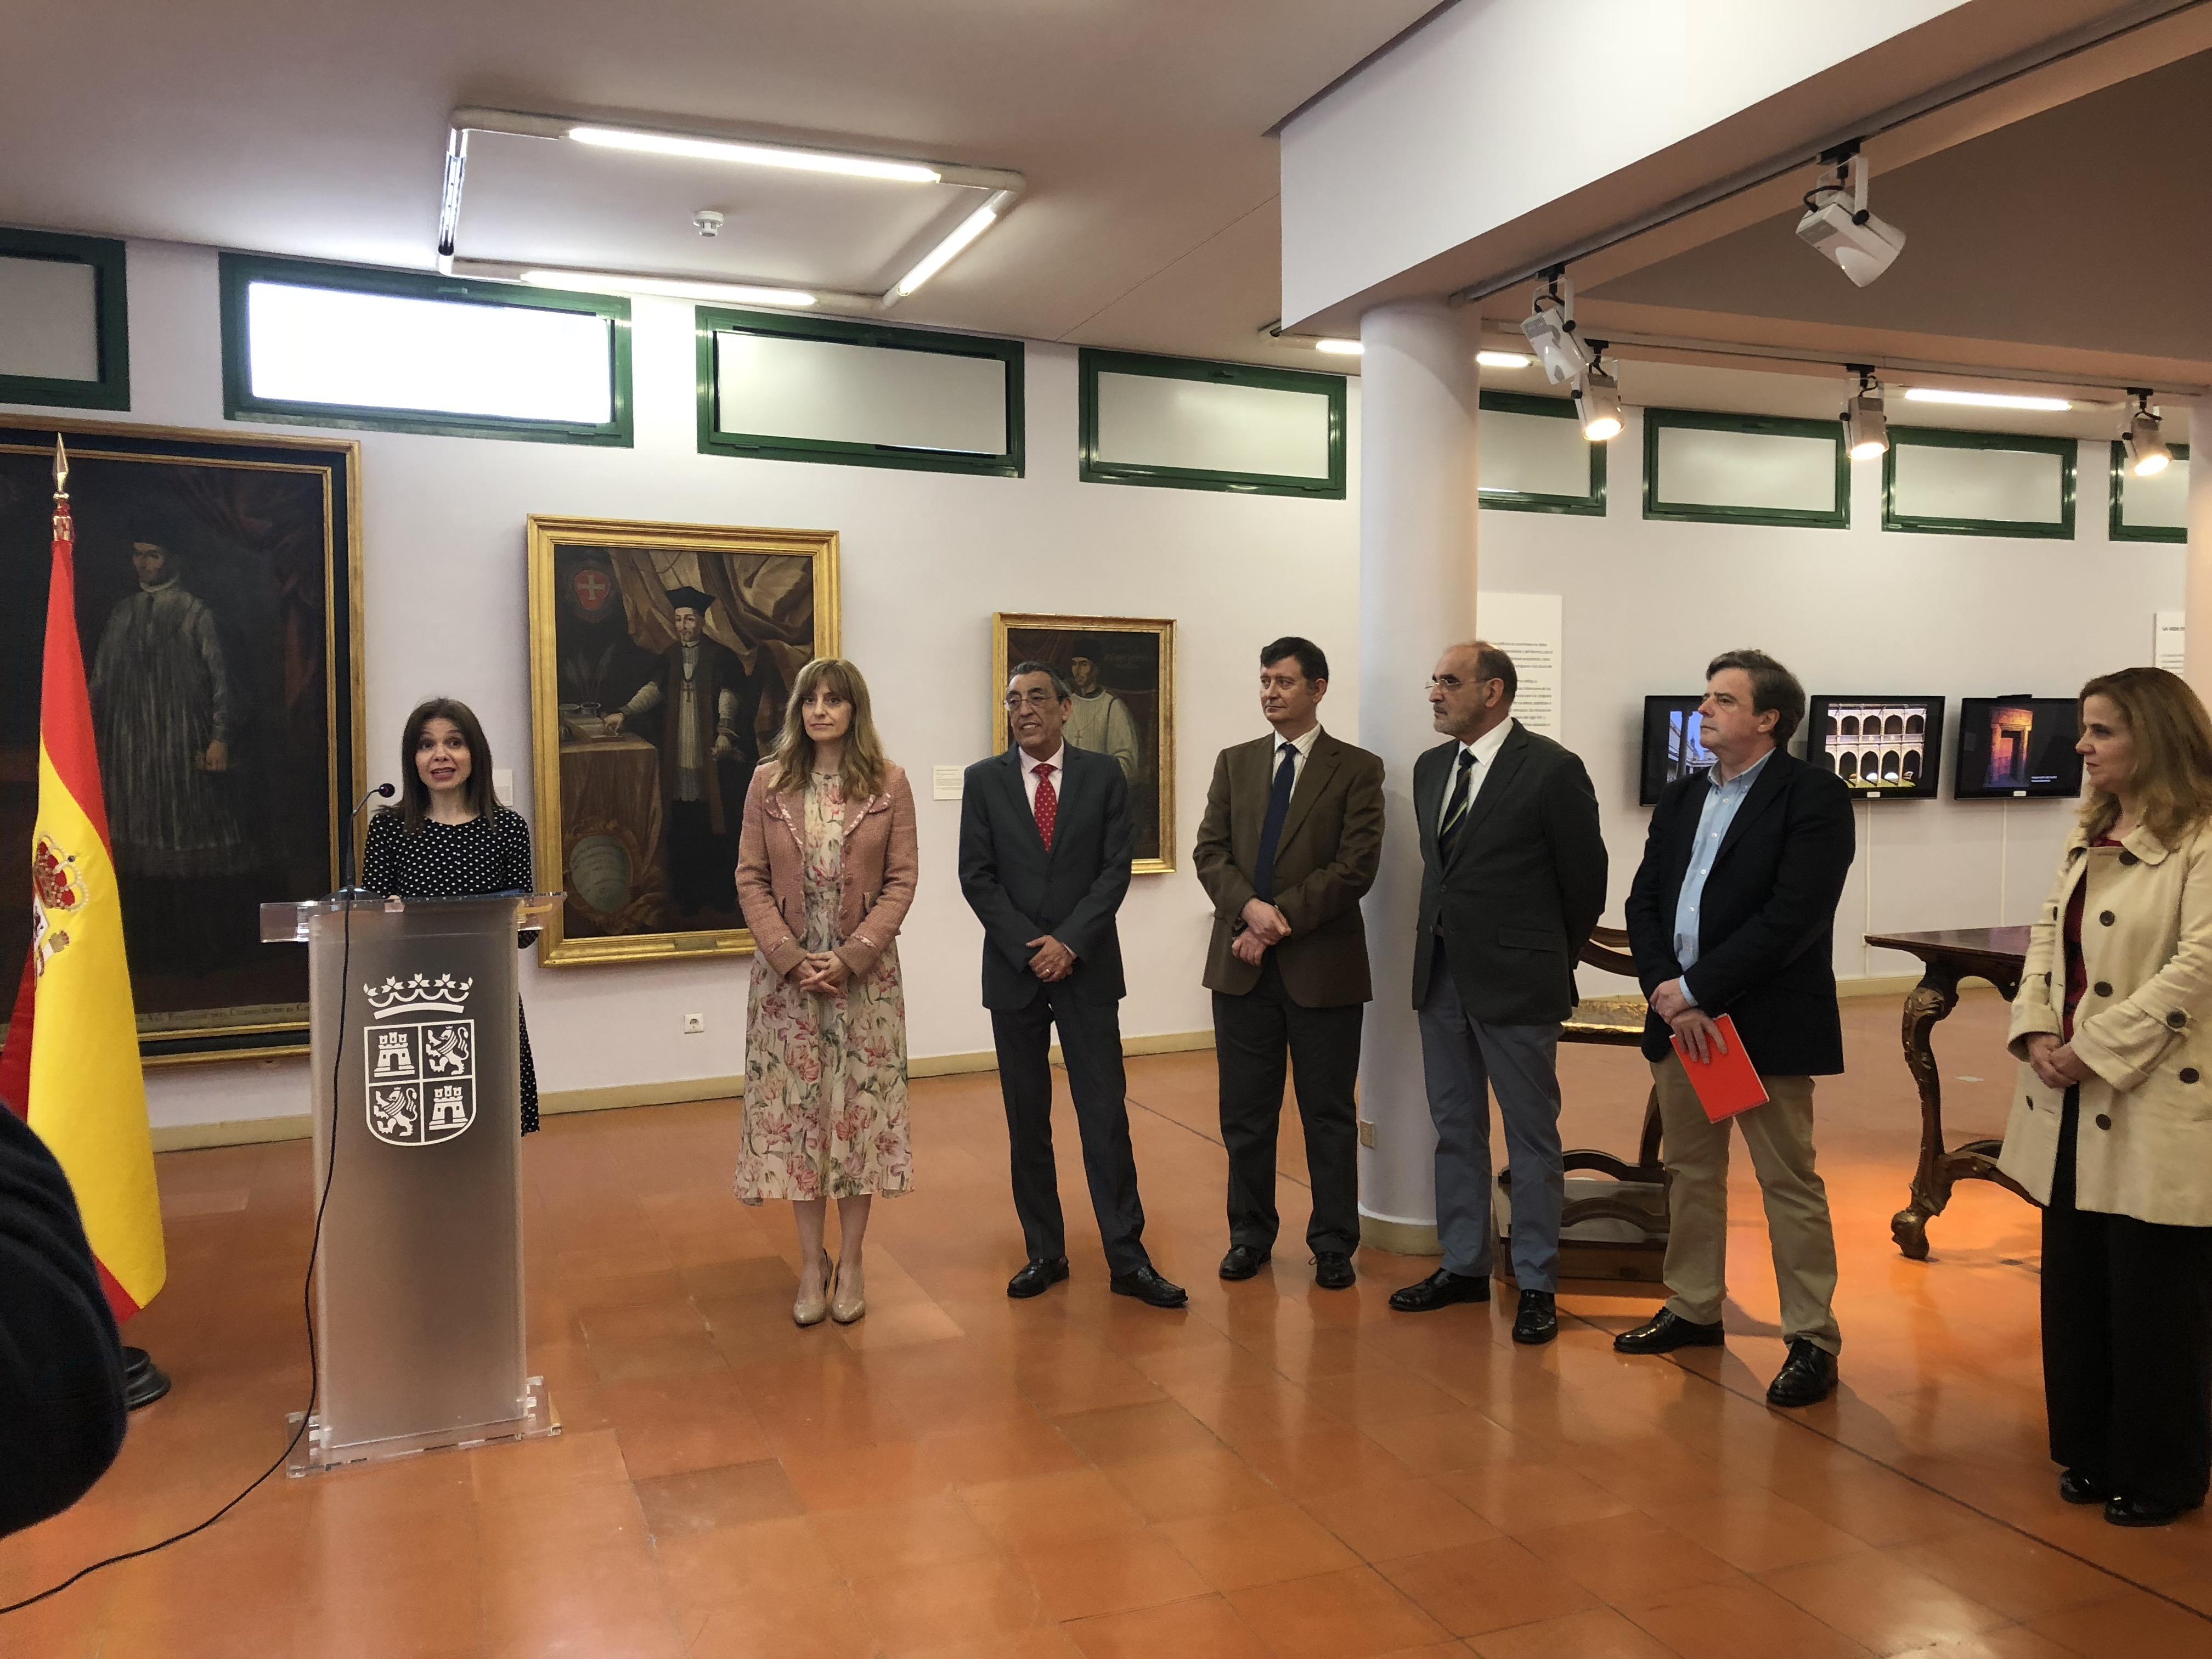 El museo municipal de Salamanca inaugura la muestra 'Colegios Mayores en Salamanca: Huellas y Sombras'